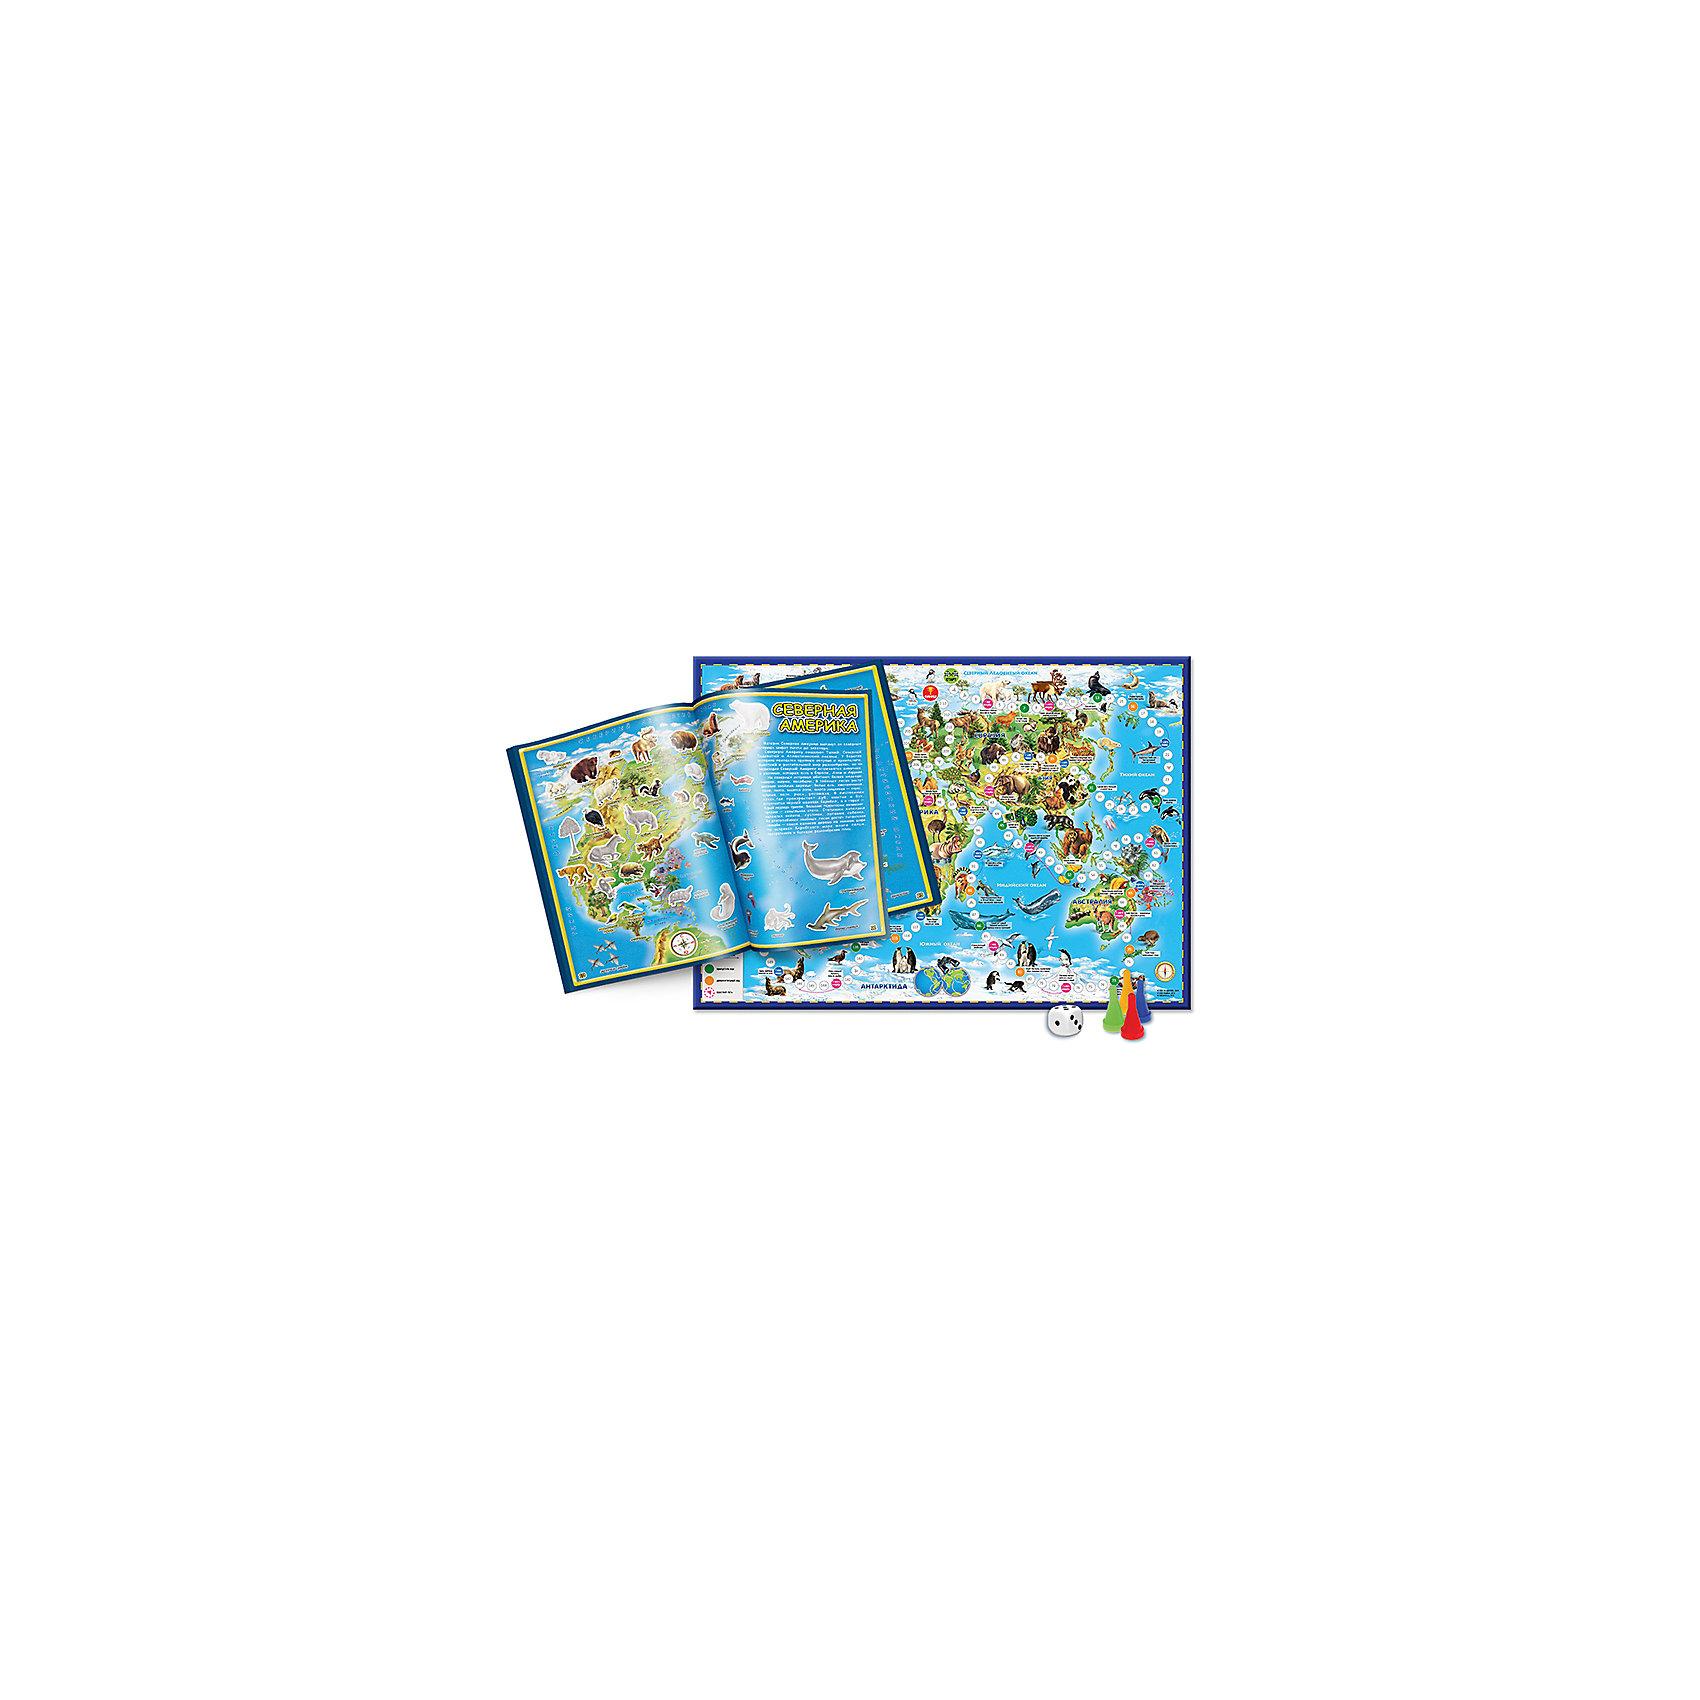 Подарок №7 Животный мир Земли (2 предмета)Книги для развития мышления<br>Характеристики товара:<br><br>• материал: ламинированный картон, бумага<br>• возраст: от 6 лет<br>• атлас мира с наклейками. Животные и растения. Формат 21*29,7<br>• настольная игра ходилка. Животный мир земли. Формат 59*42<br>• подарочная коробка<br>• 70 наклеек<br>• габариты упаковки: 30х22,5х1 см<br>• вес: 290 г<br>• страна производитель: Россия<br><br>Настольная игра-ходилка «Животный мир земли» (смотреть правила) создана на картографической основе. В доступной и интересной форме представлено расположение материков и океанов, показаны представители флоры и фауны. Бесспорное преимущество игры и в ее оформлении – художественно выполненная, красочная, на качественном картоне – прослужит долго и поможет организовать досуг.<br><br>Атлас с наклейками «Животные и растения» можно использовать как первое учебное пособие по географии и окружающему миру, поскольку он содержит не только более подробные сведения о животных и растениях, но и о континентах. Прекрасно оформленный, он воспитывает эстетический вкус, интерес к живой природе, формирует целостную картину мира.<br><br>Каждый разворот содержит карту определенного континента, на которой изображены обитатели Земли и так же даны черно-белые контуры рисунка, который нужно найти во вкладке с наклейками и наклеить. Из вкладки с наклейками ребенок выбирает соответствующее изображение, приклеивает в атлас, таким образом запоминая ареалы распространения животных, растений и морских обитателей. Кроссворд, который над на первой странице, поможет закрепить знания.<br><br>Подарок №7 Животный мир Земли (2 предмета) можно купить в нашем интернет-магазине.<br><br>Ширина мм: 300<br>Глубина мм: 225<br>Высота мм: 10<br>Вес г: 290<br>Возраст от месяцев: 72<br>Возраст до месяцев: 108<br>Пол: Унисекс<br>Возраст: Детский<br>SKU: 5422970